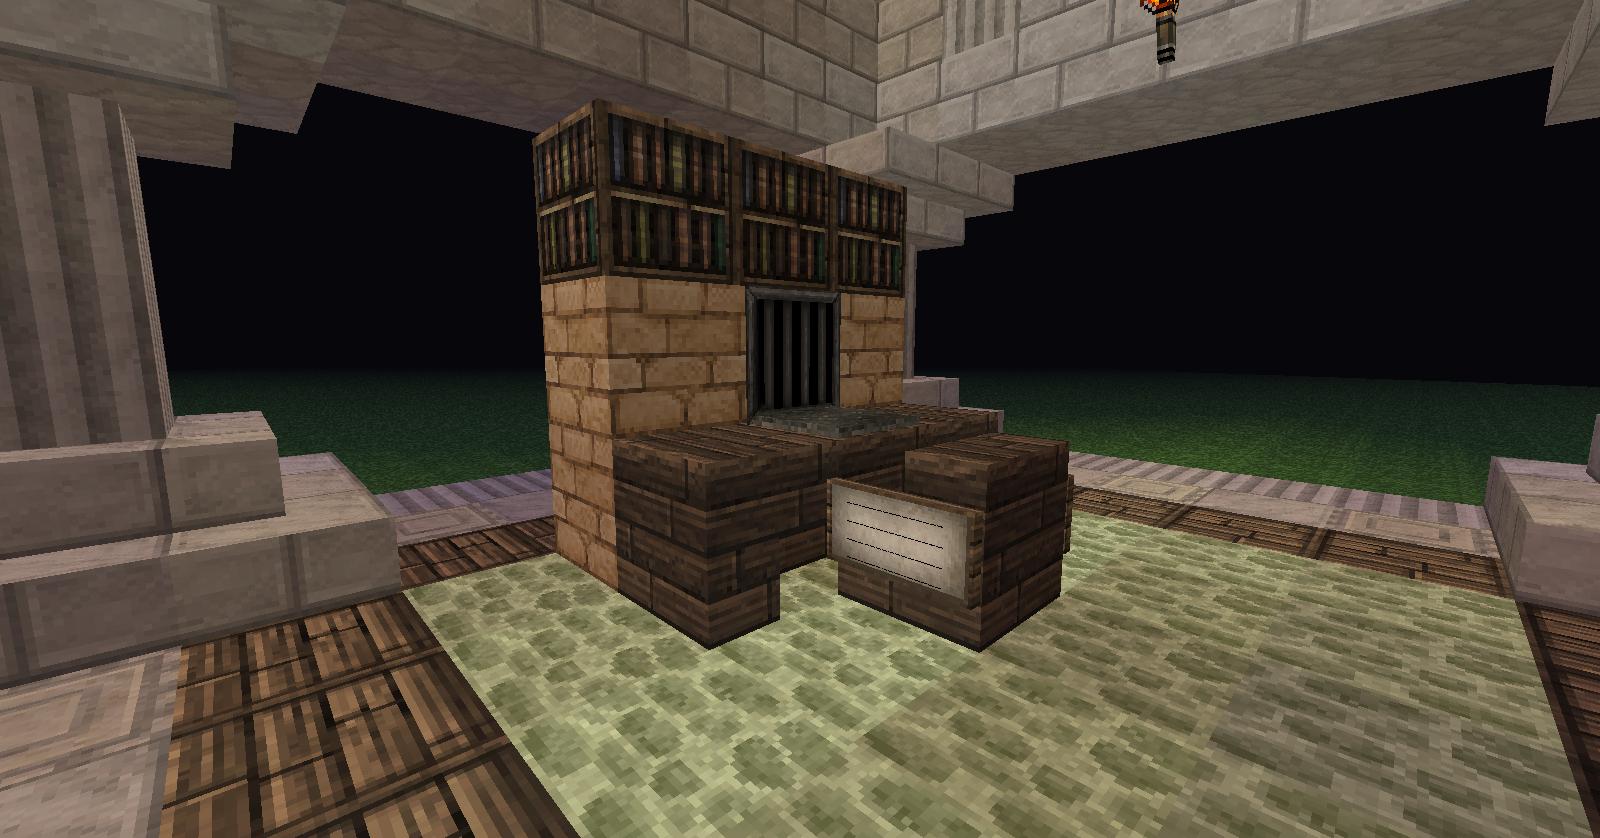 photos nouvelle d co d couverte c 39 est par ici minecraft. Black Bedroom Furniture Sets. Home Design Ideas